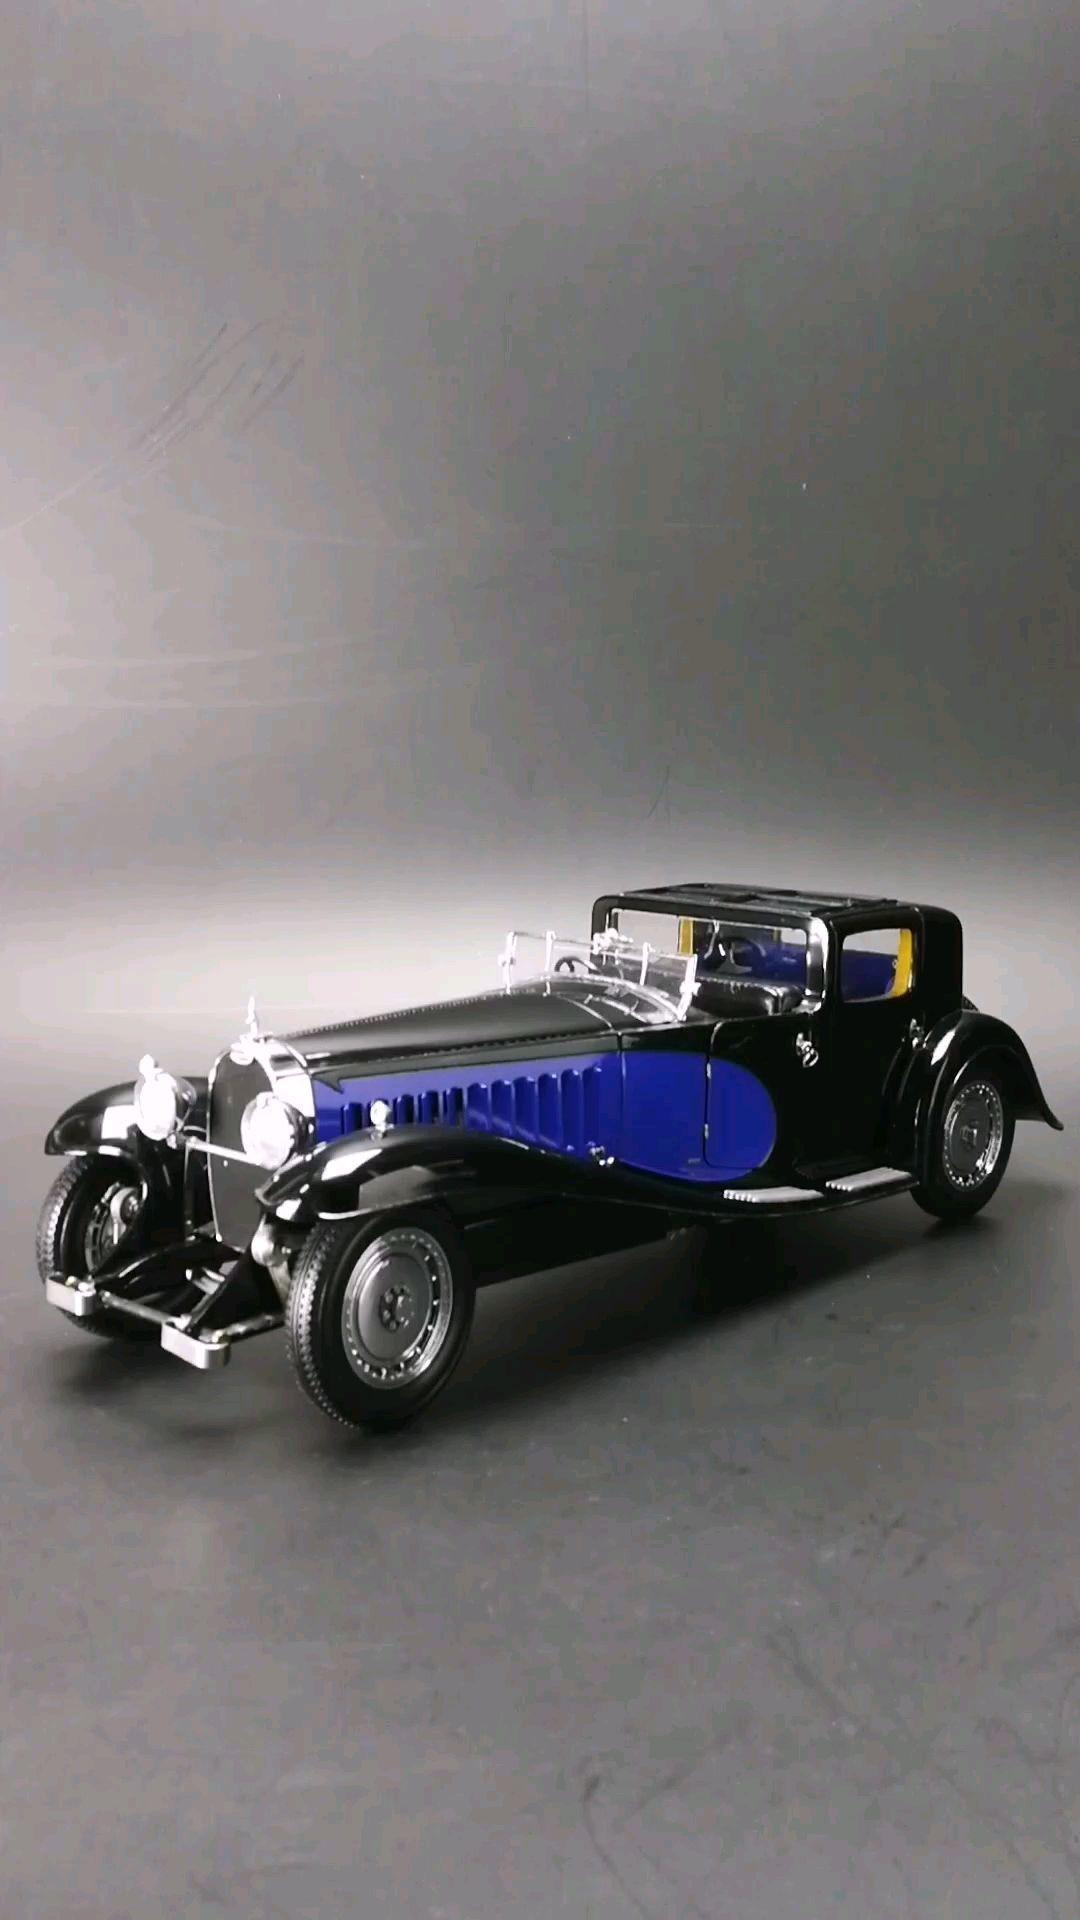 1930艺术家的不朽杰作布加迪皇家41型,1:18比例,东晓汽车模型收藏馆藏品。